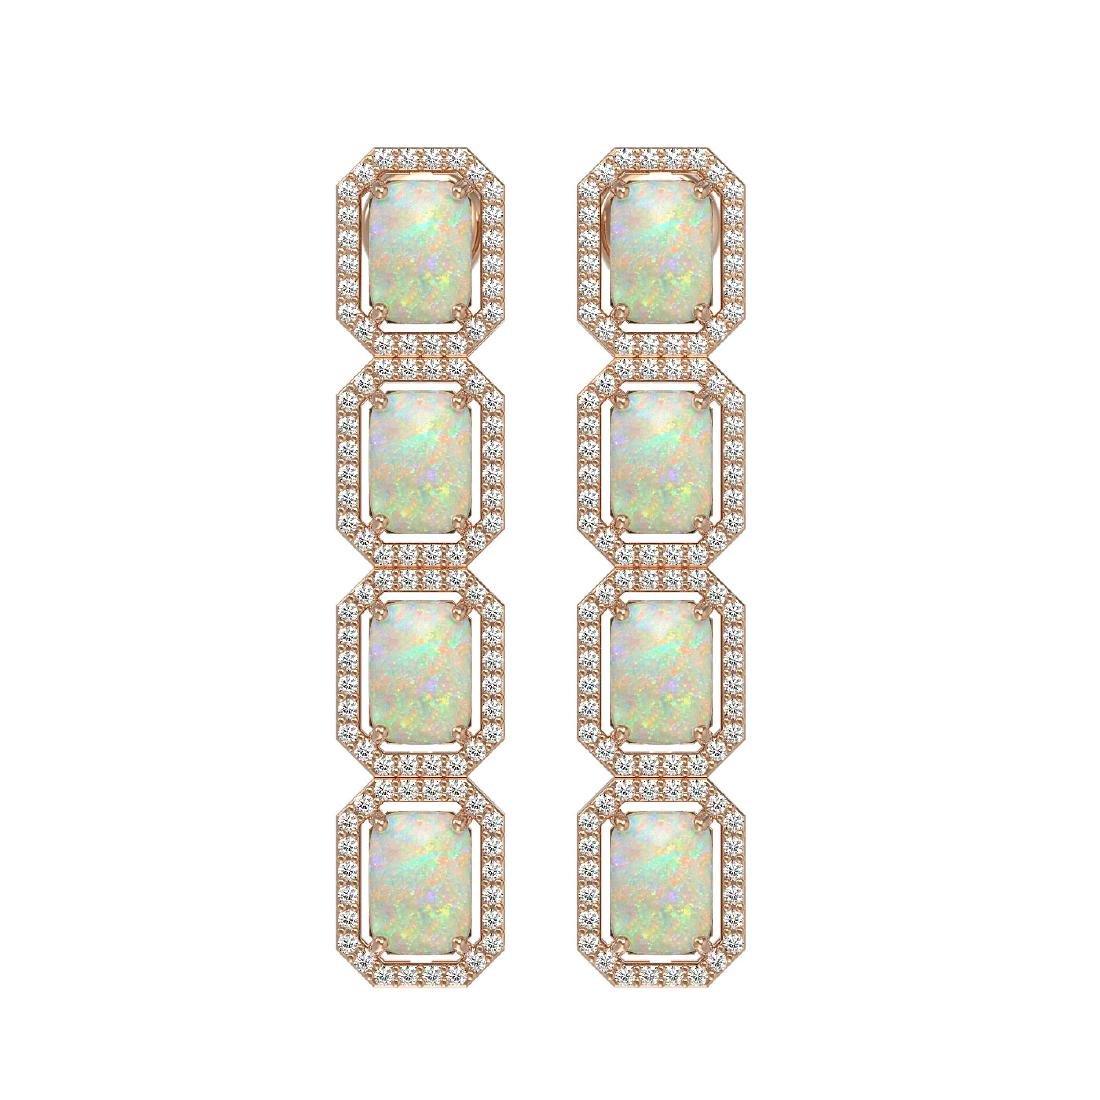 7.93 CTW Opal & Diamond Halo Earrings 10K Rose Gold